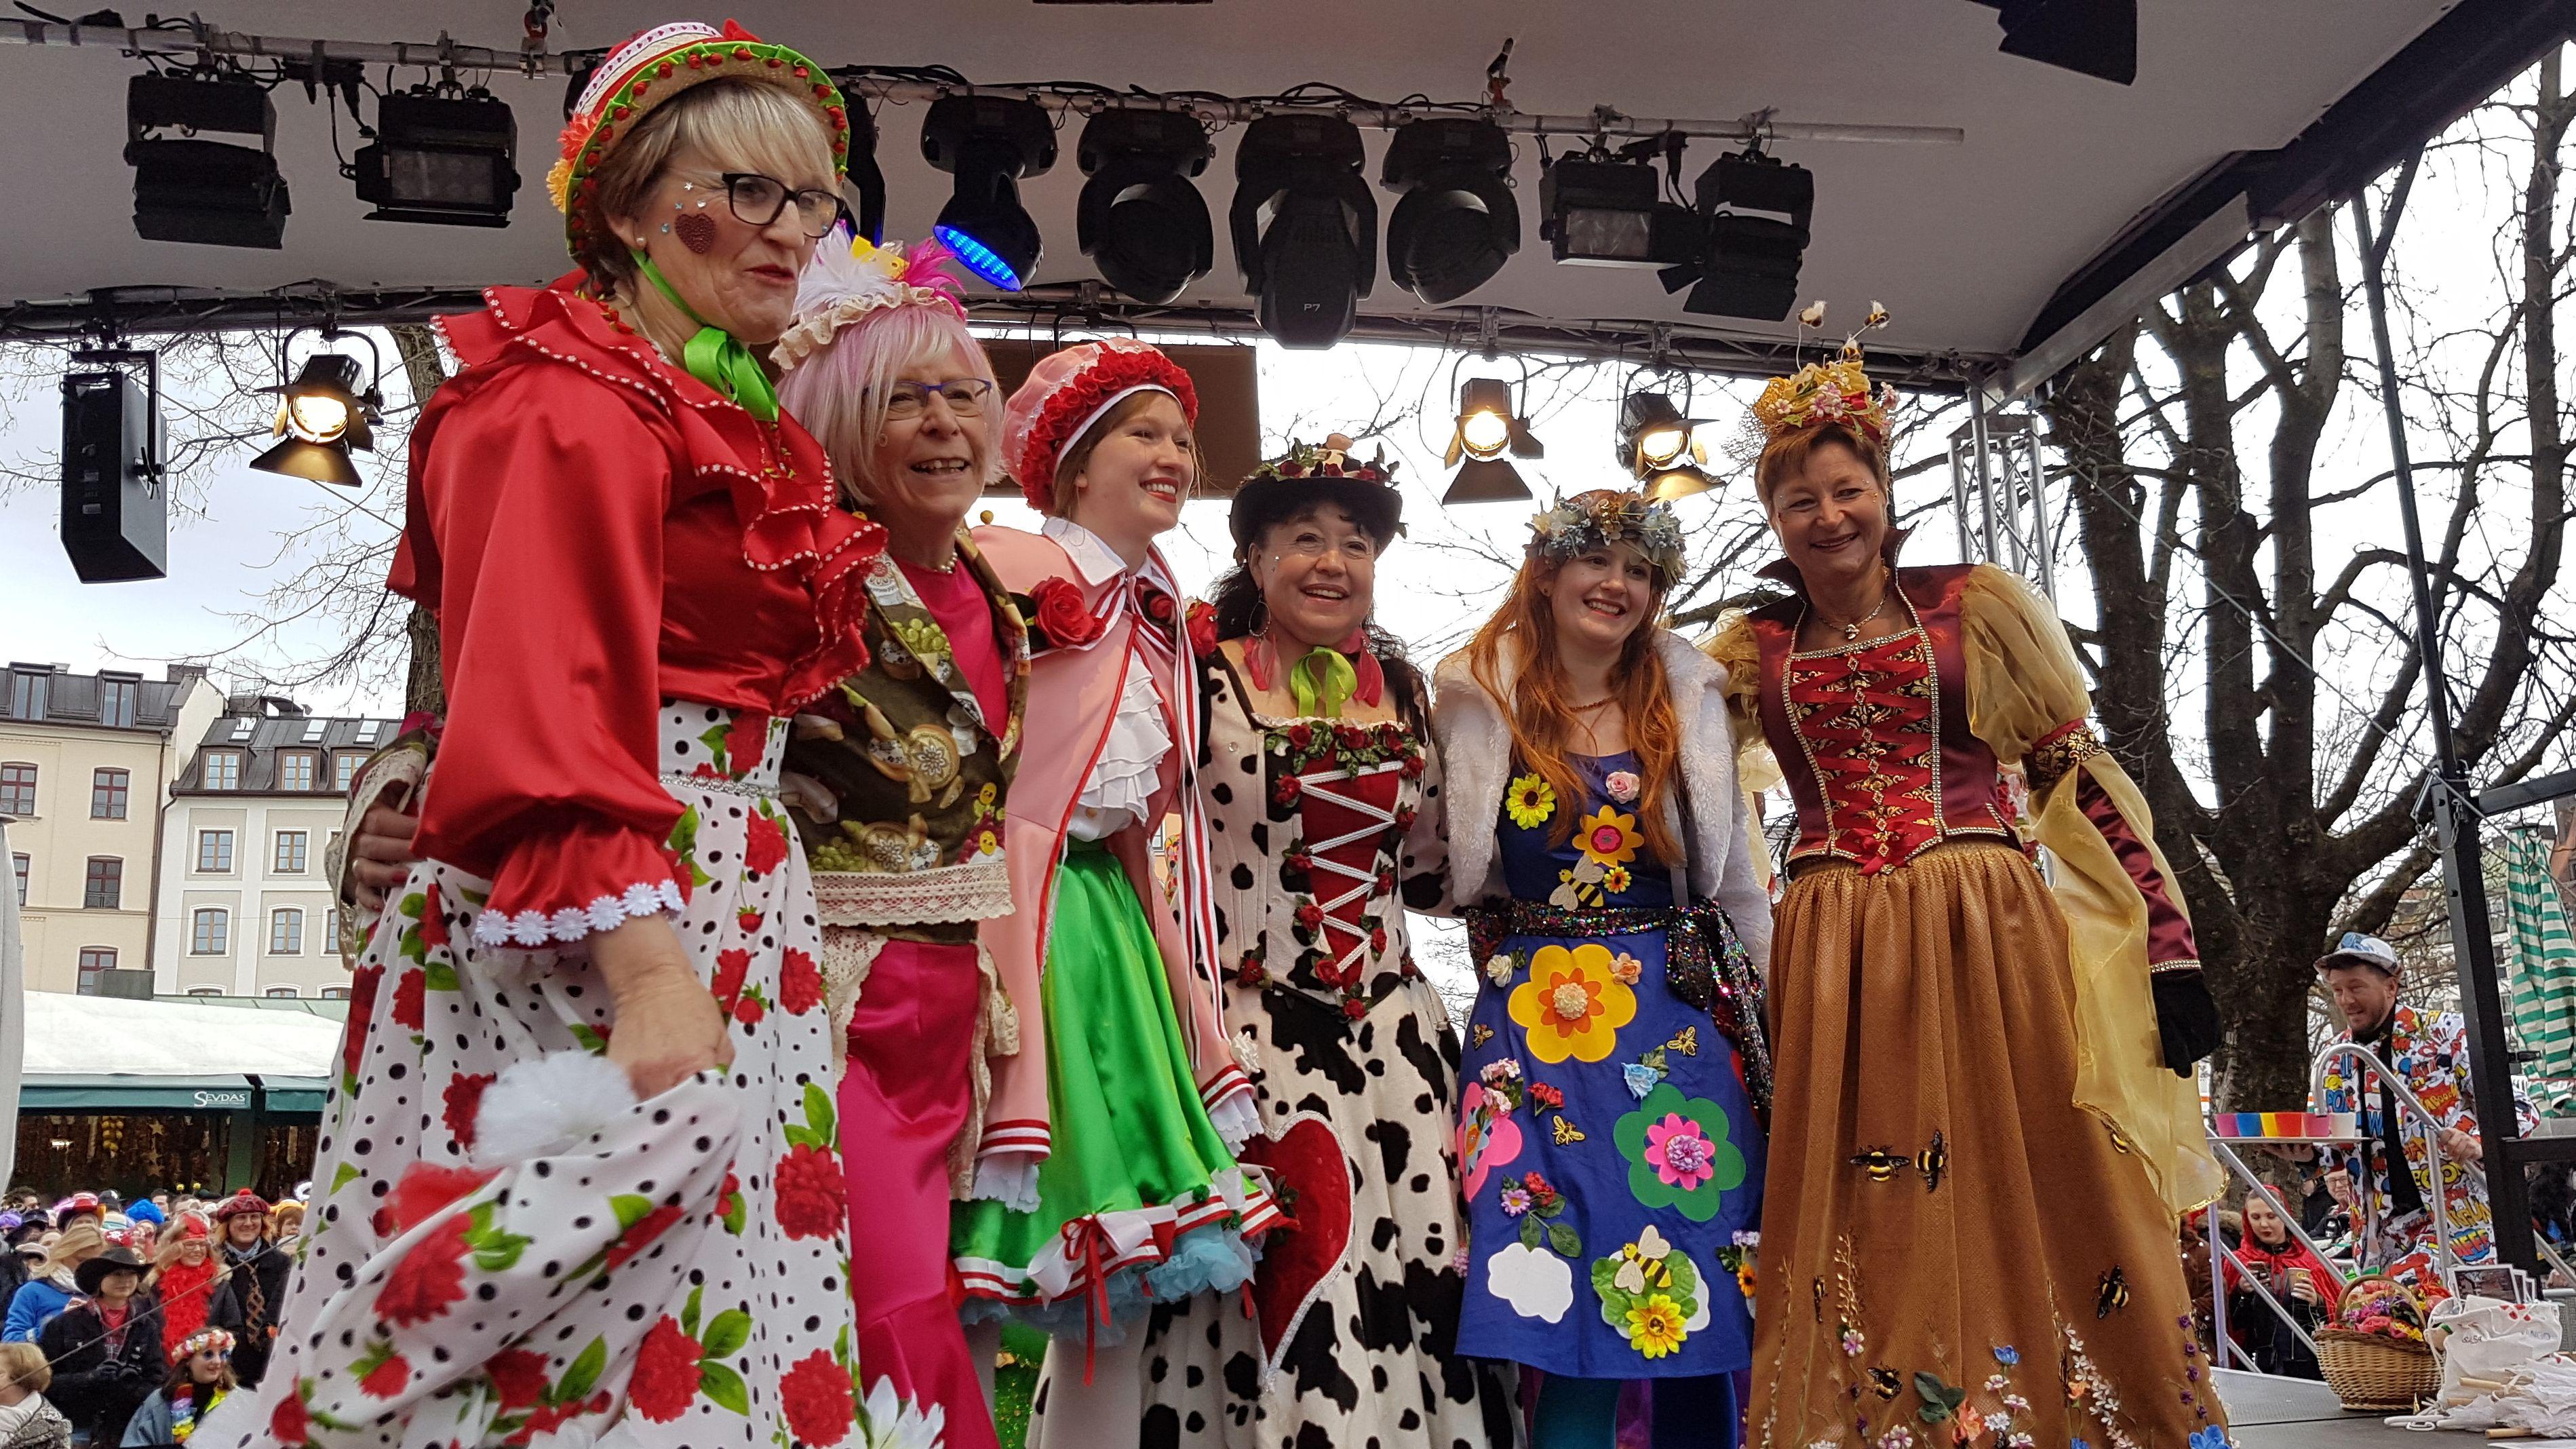 Die verkleideten Marktfrauen auf der Bühne am Viktualienmarkt.